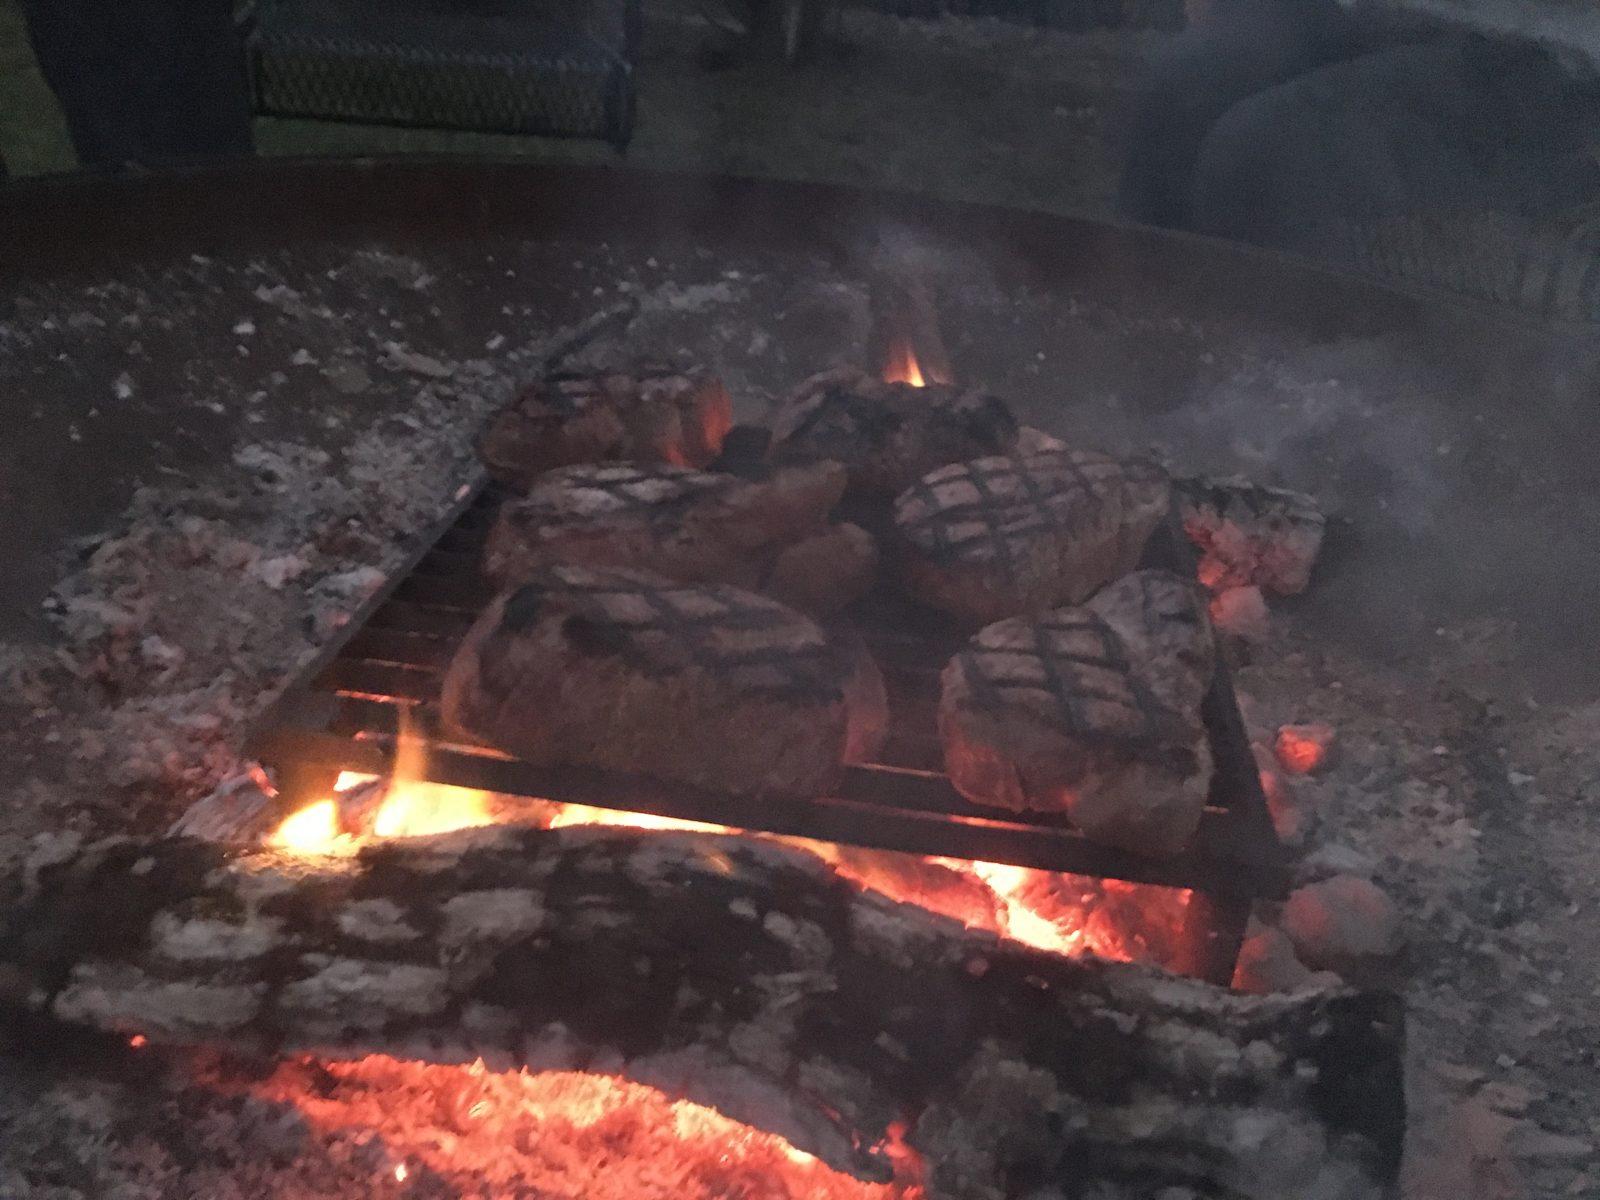 grilling steaks